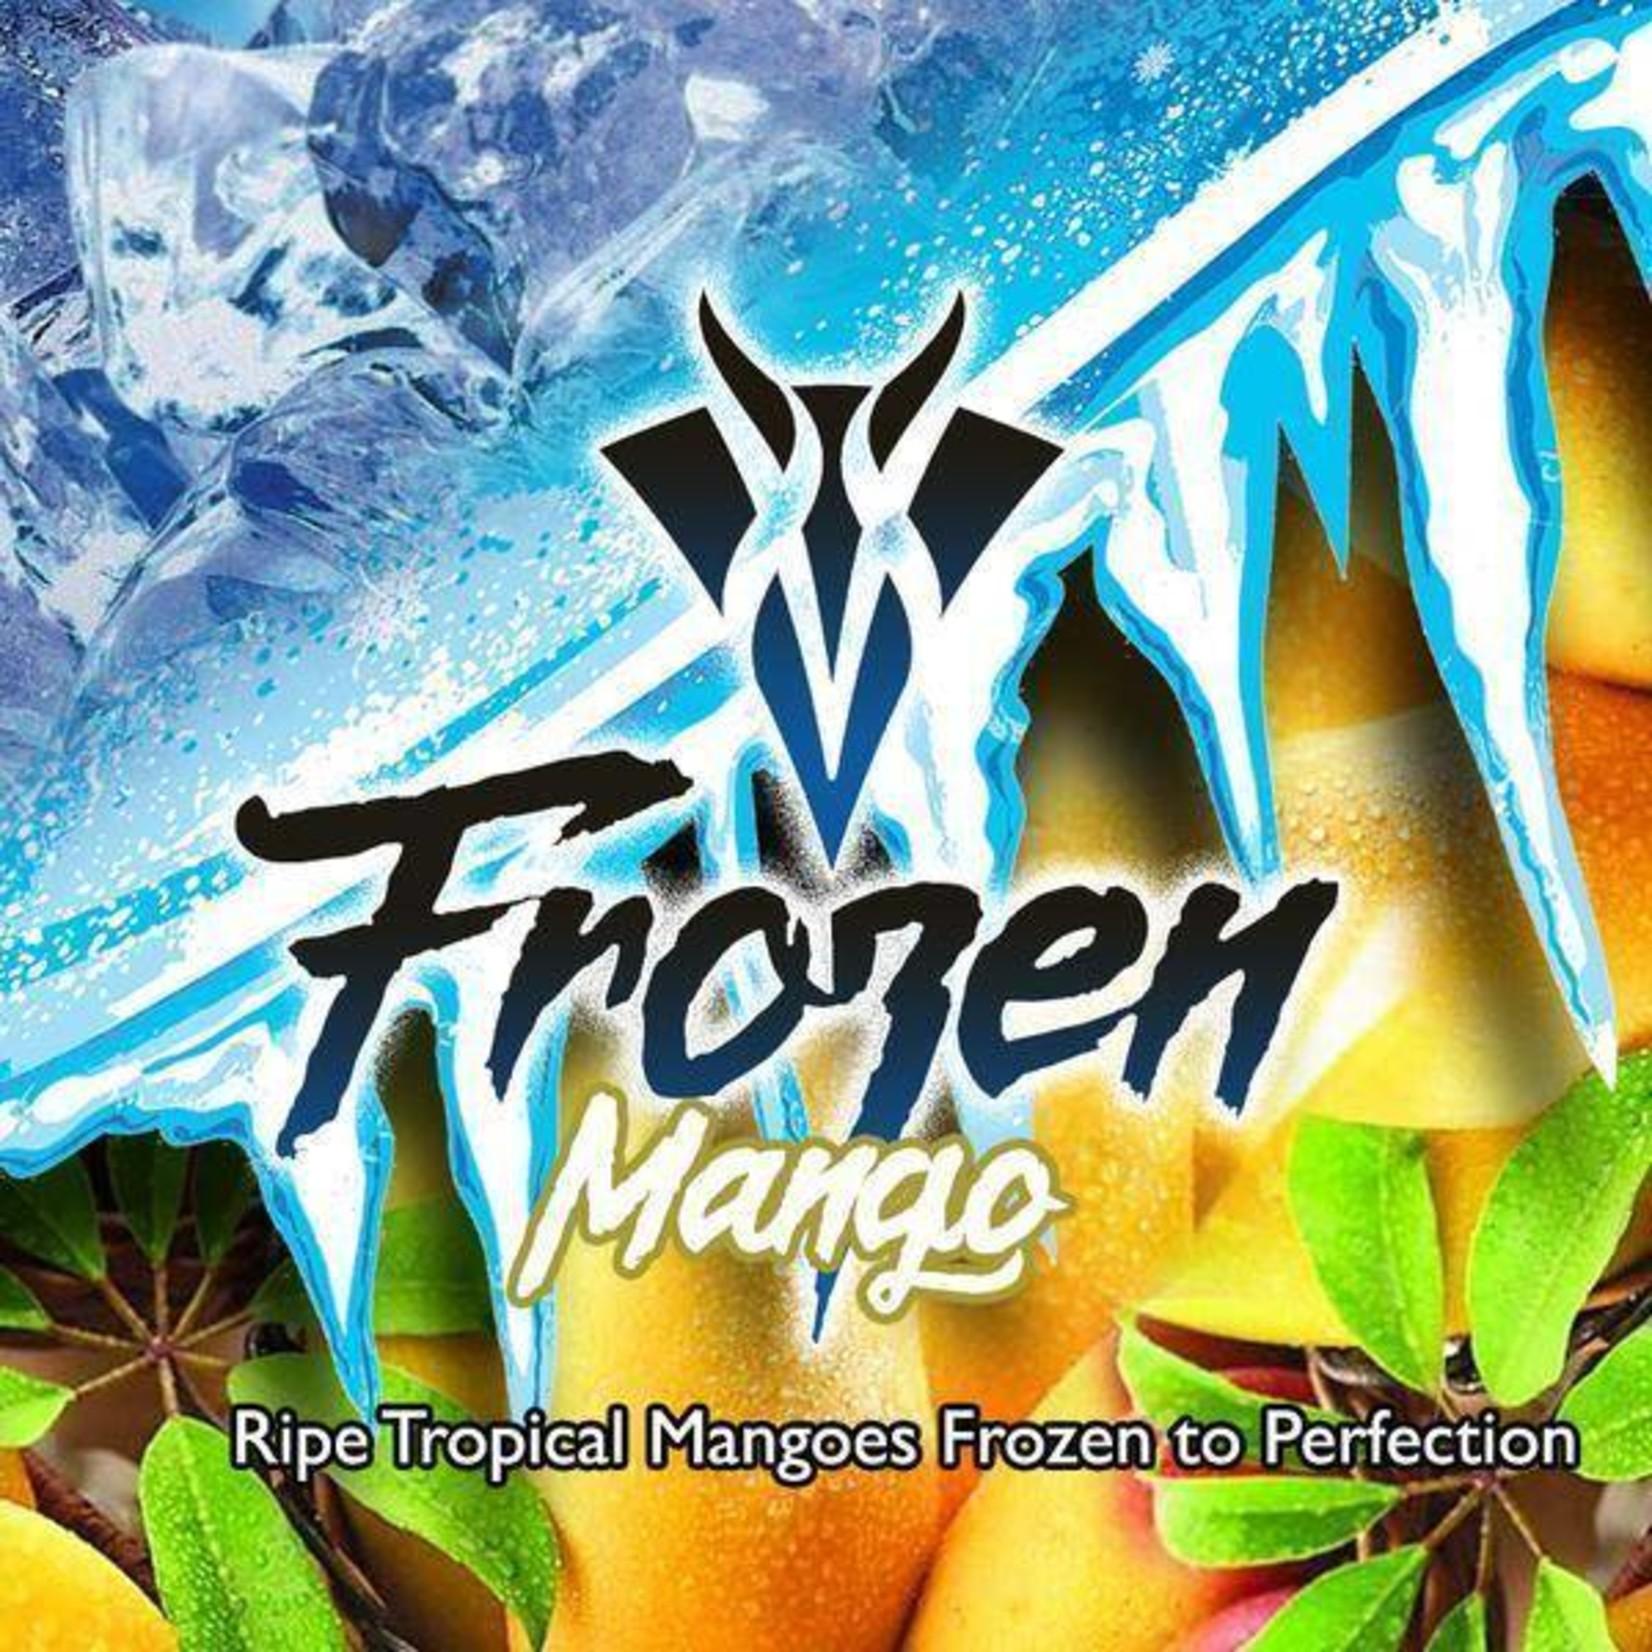 Vango Frozen Mango